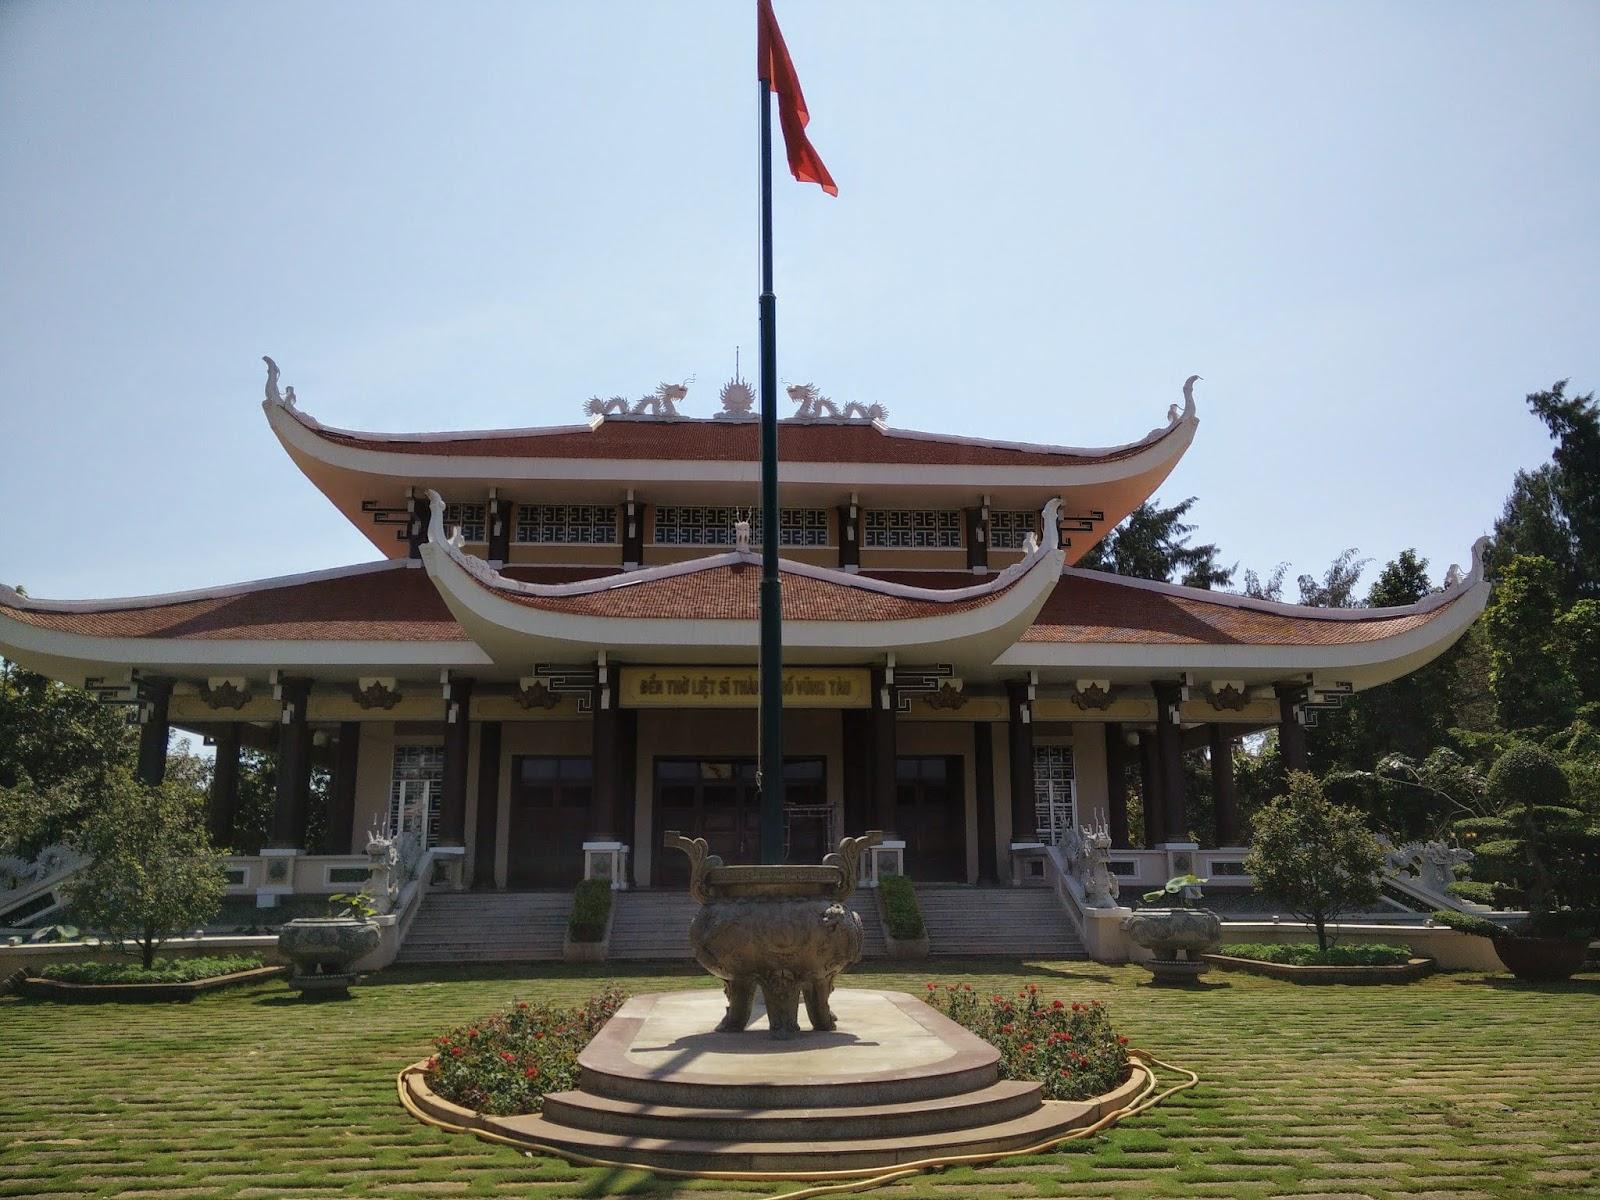 Вьетнам достопримечательности фото